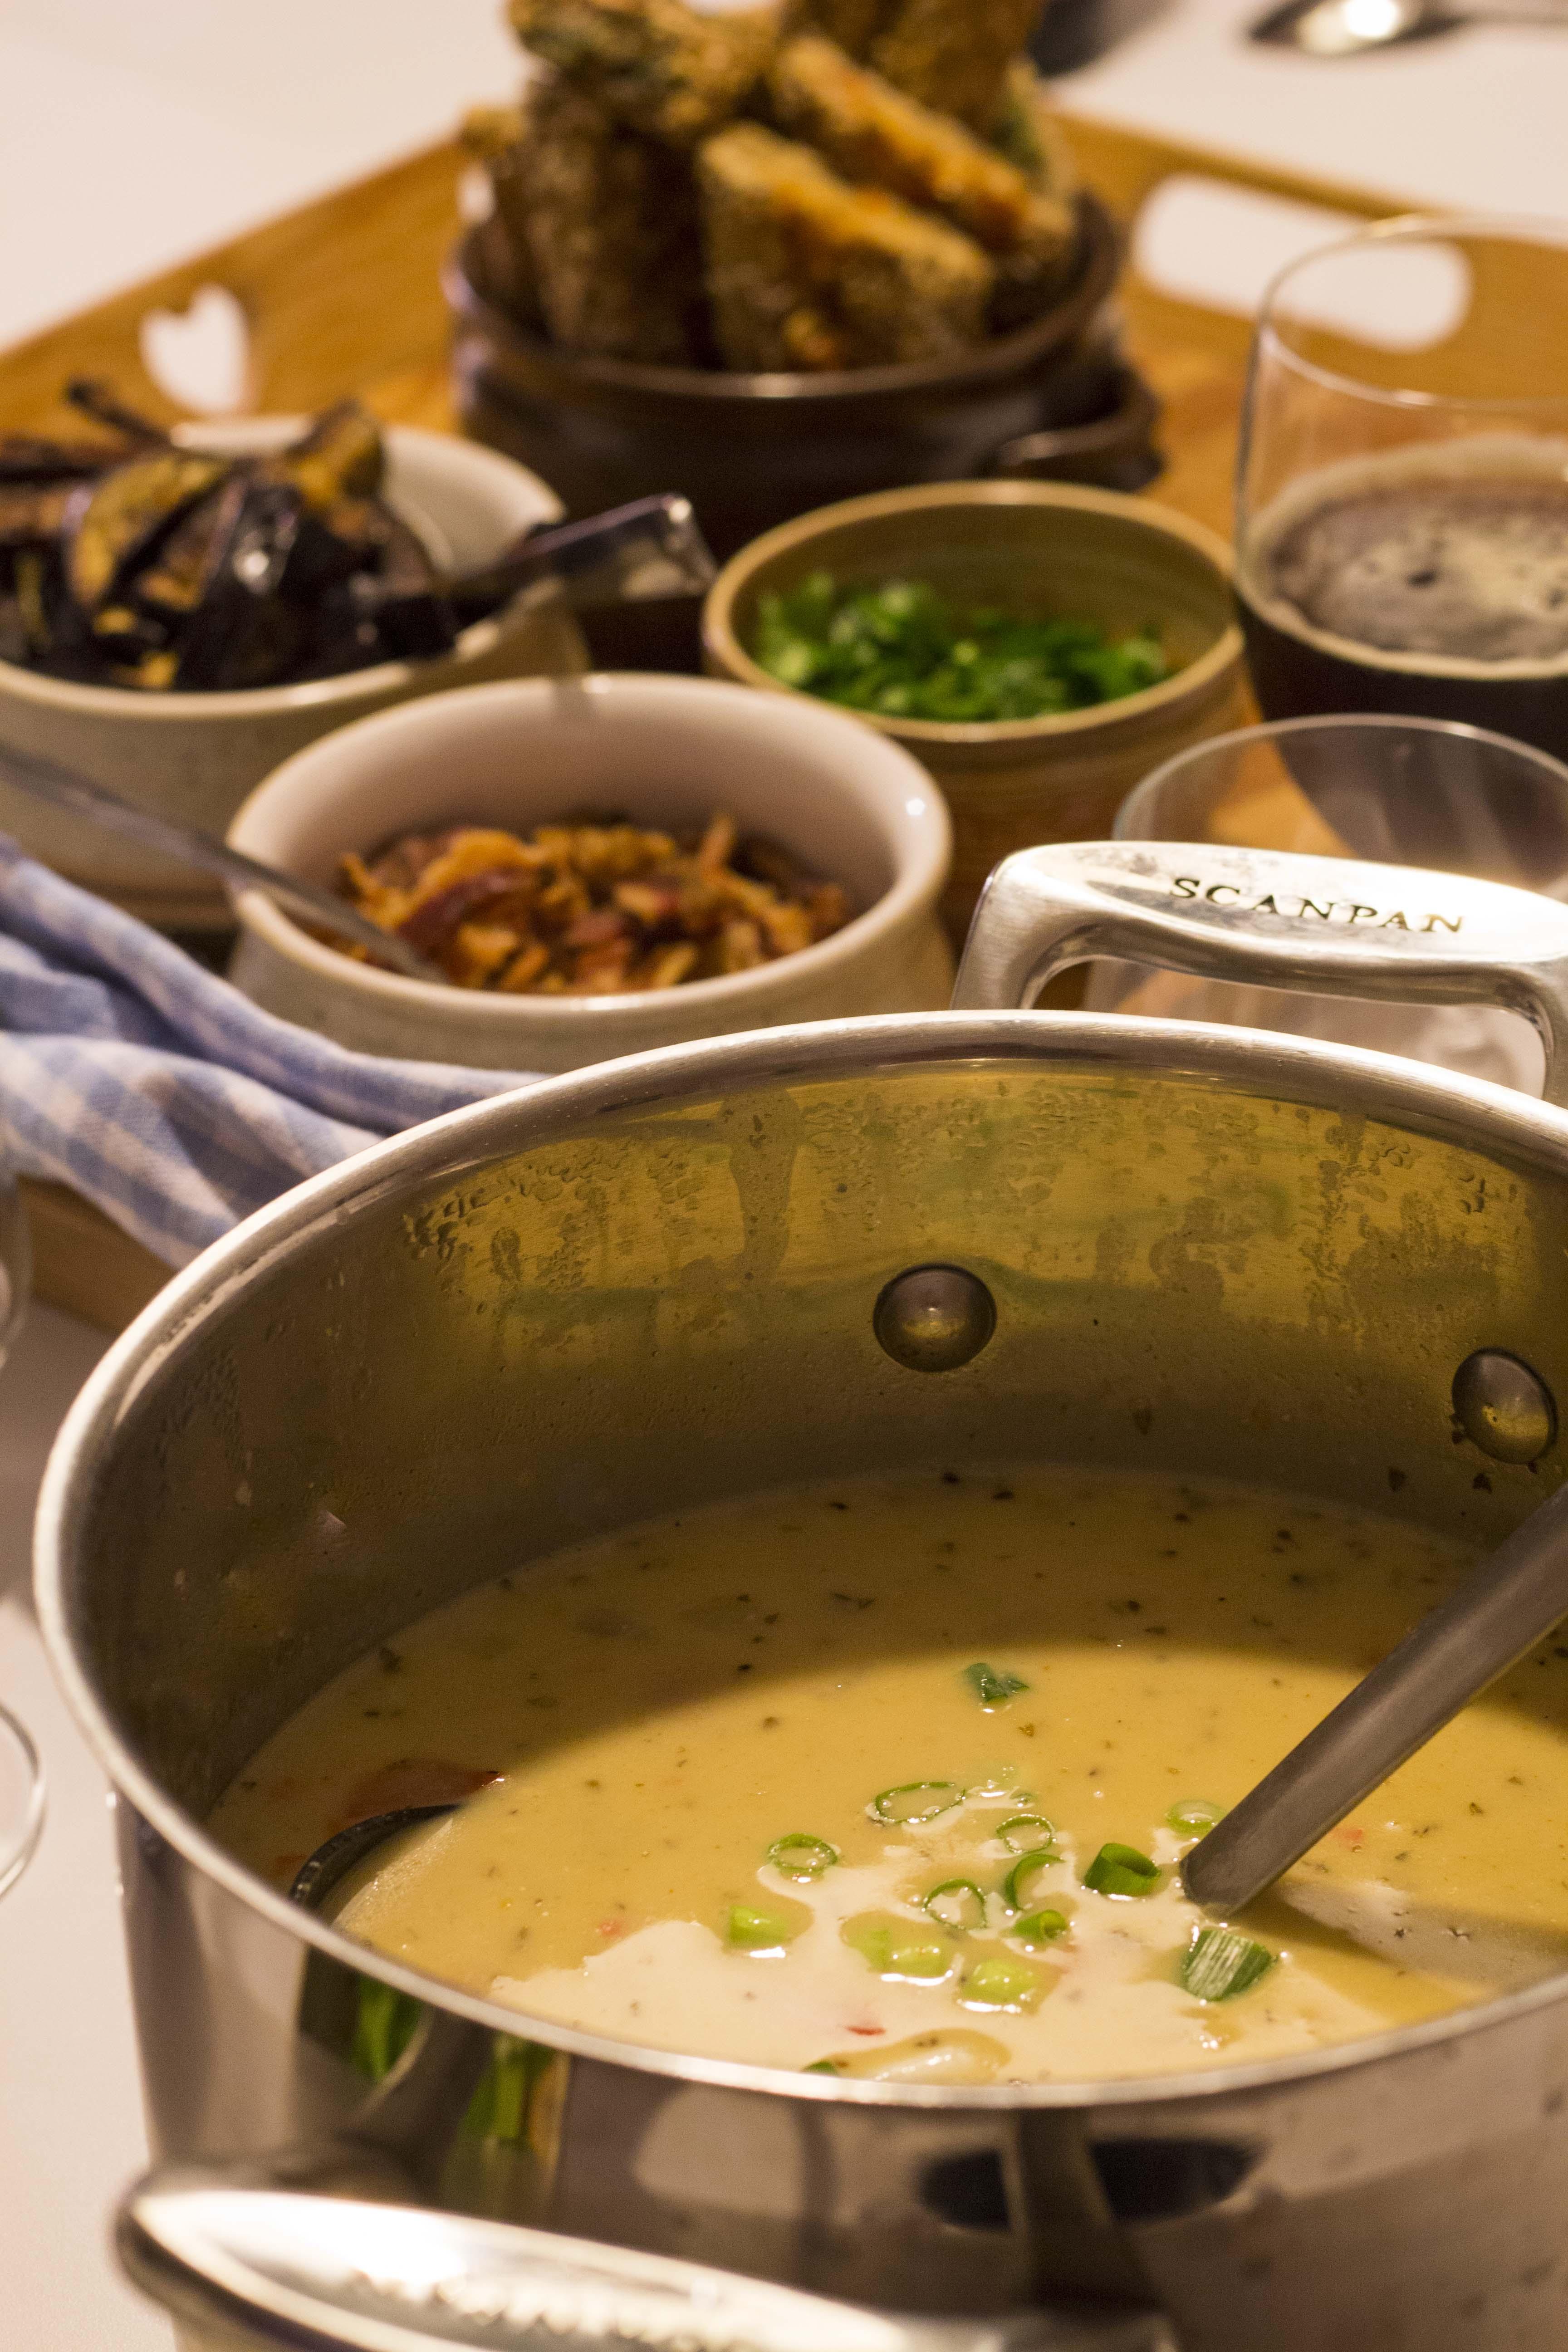 Cremet kyllingesuppe i crockpot